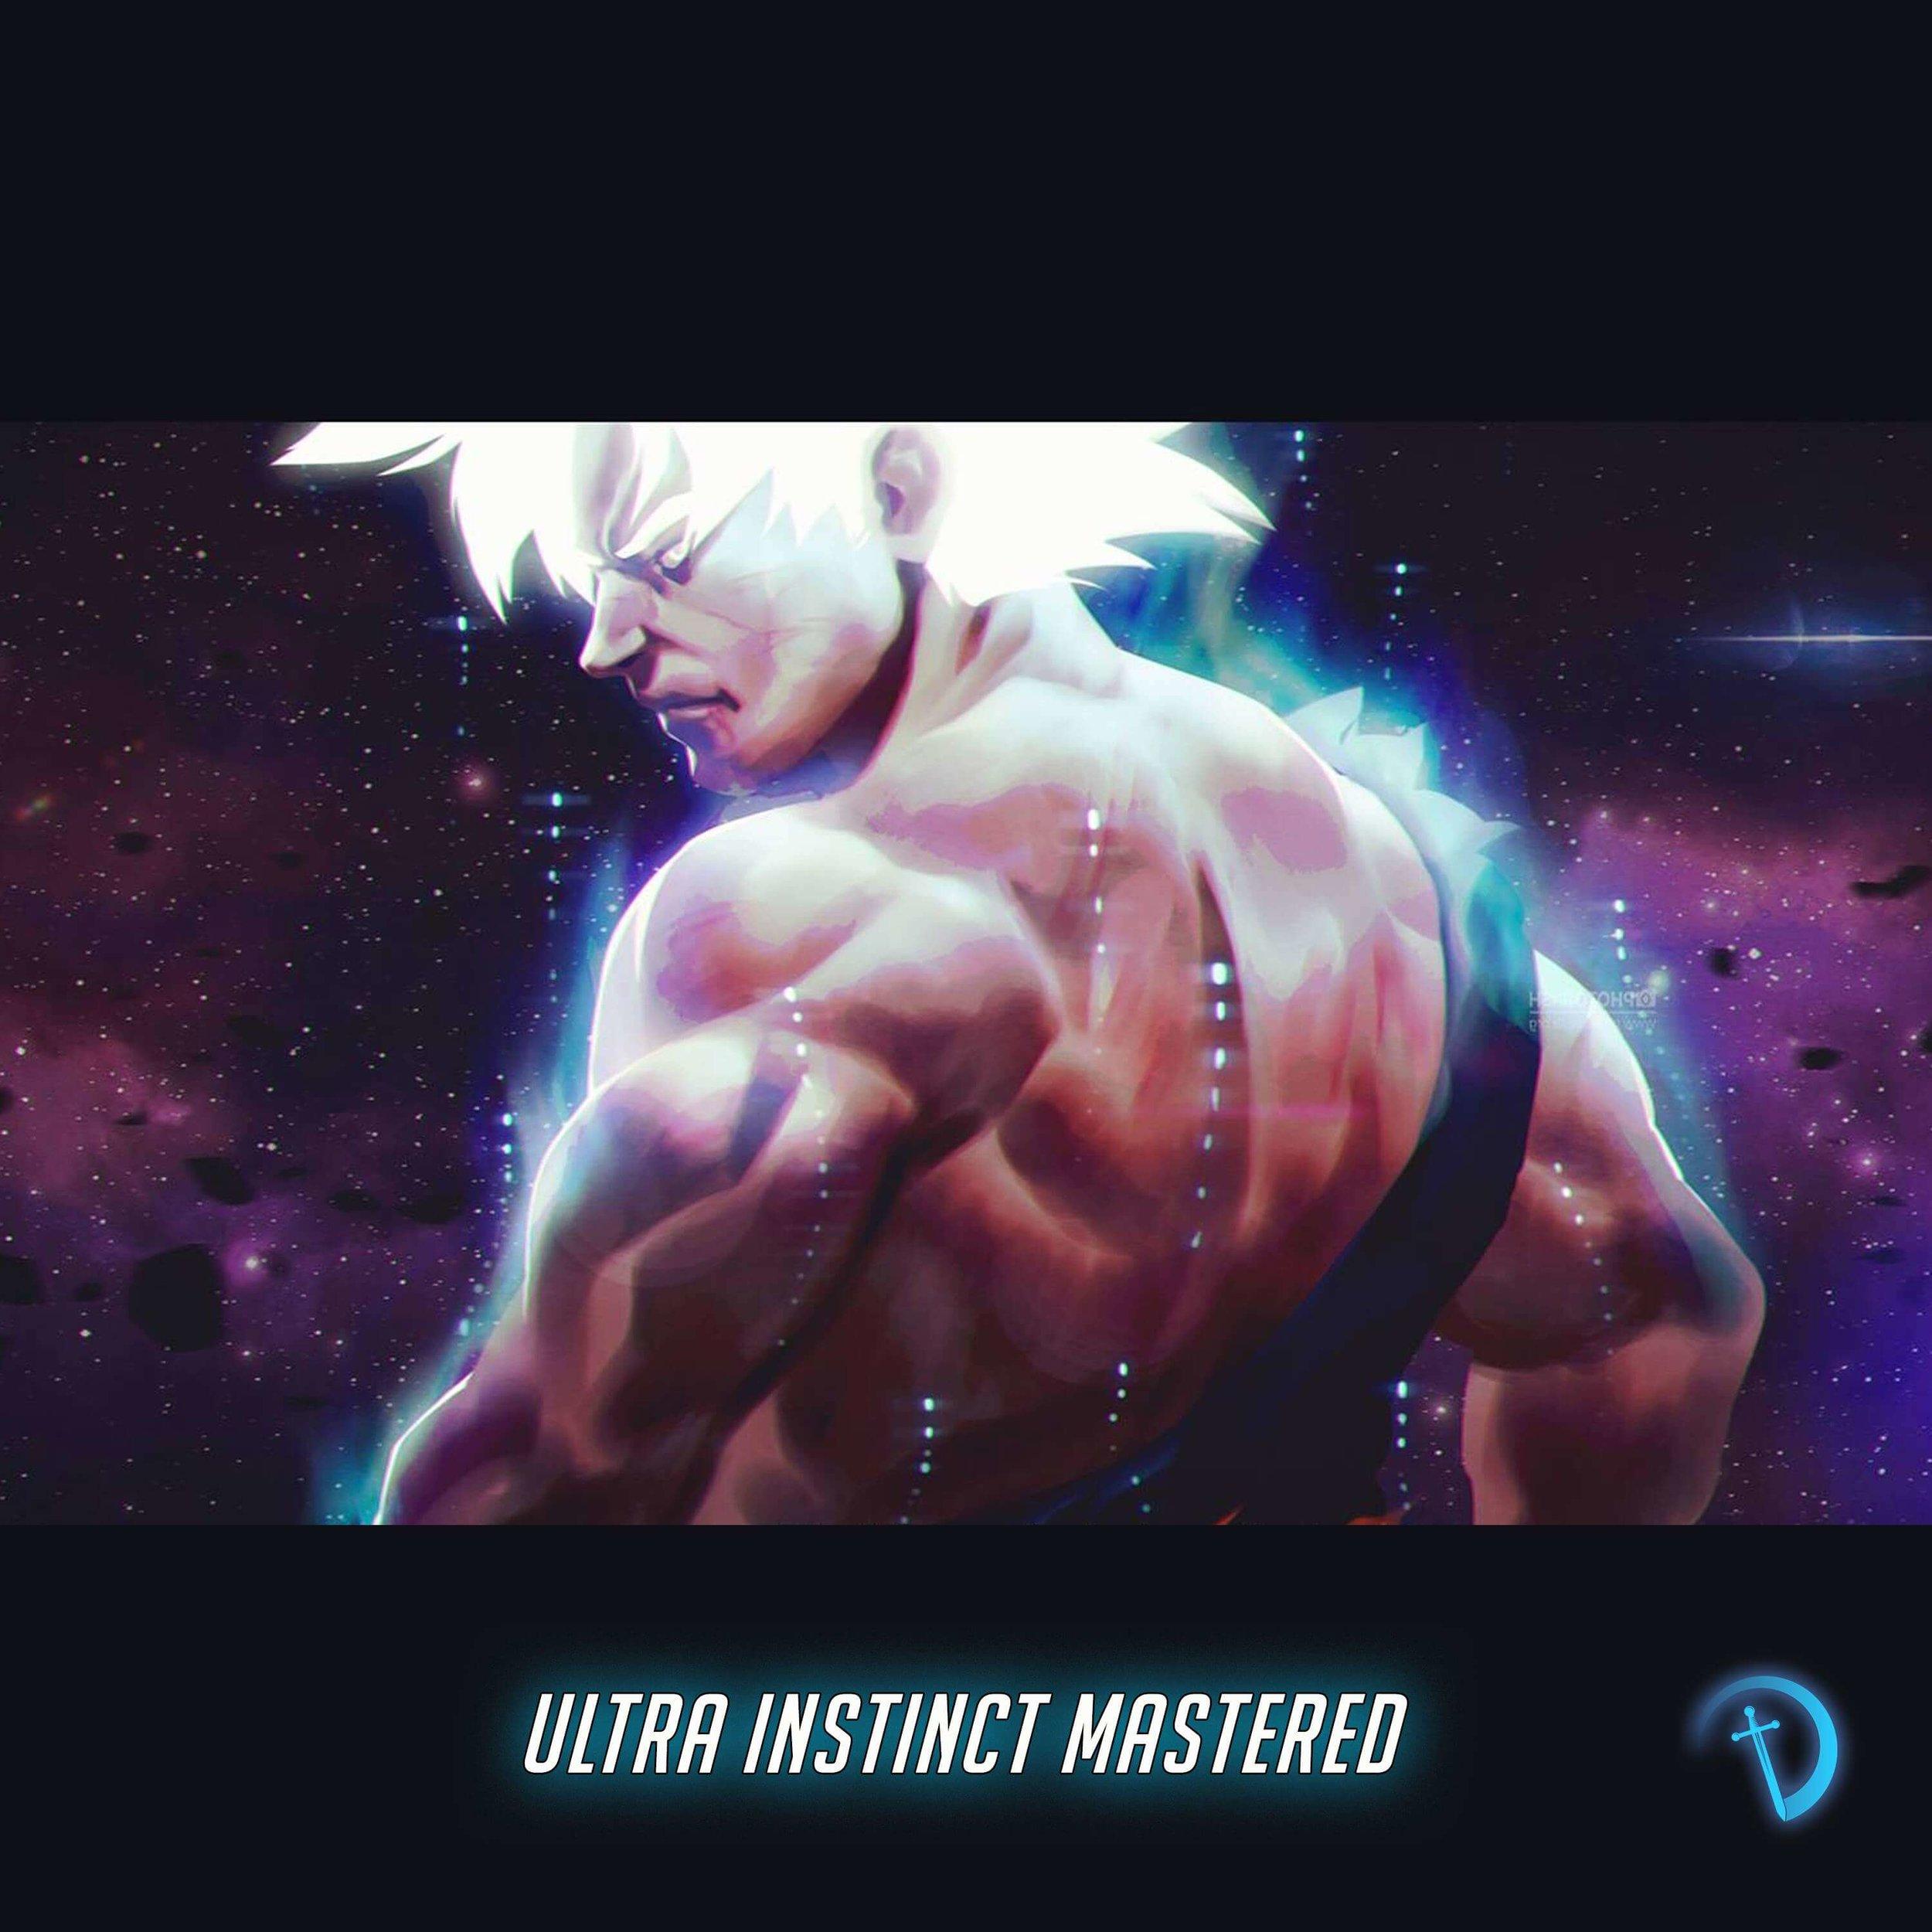 Ultra-Instinct-Mastered_Album Art_3000x3000 (1).jpg